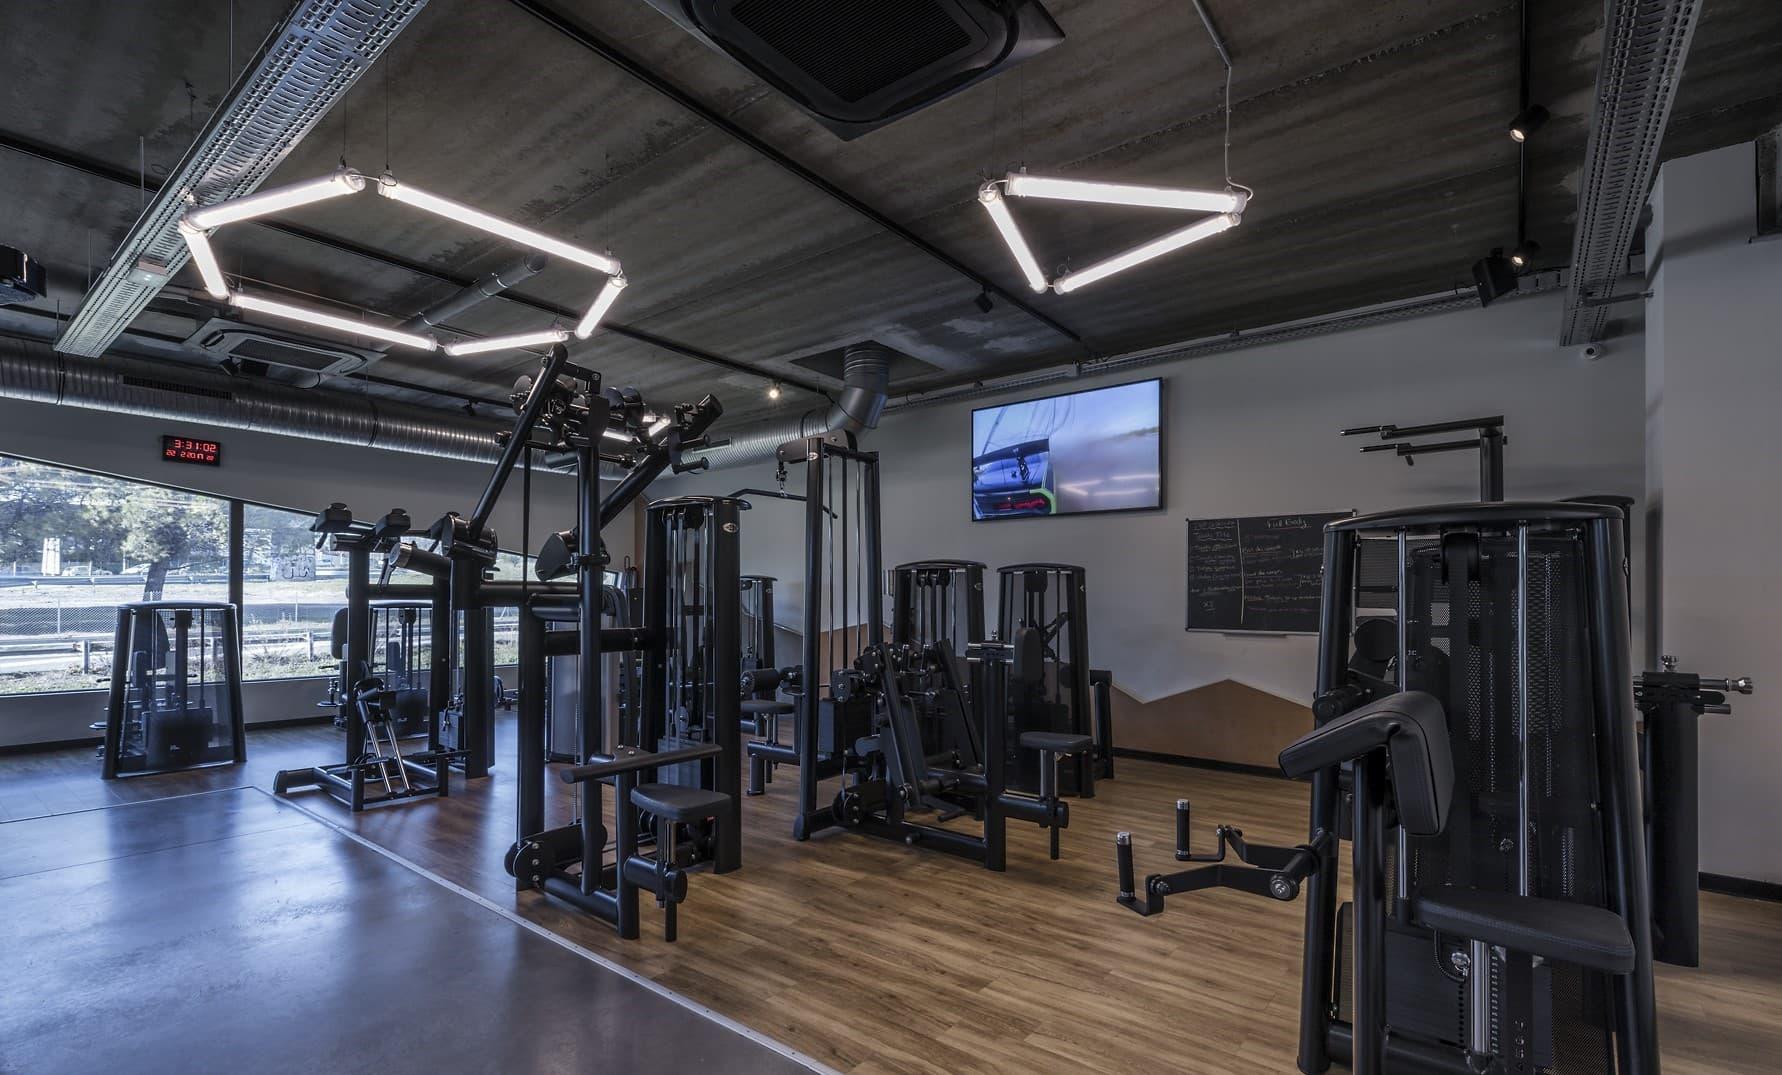 Ligne lumineuse graphique dans la salle de sport Métabolik